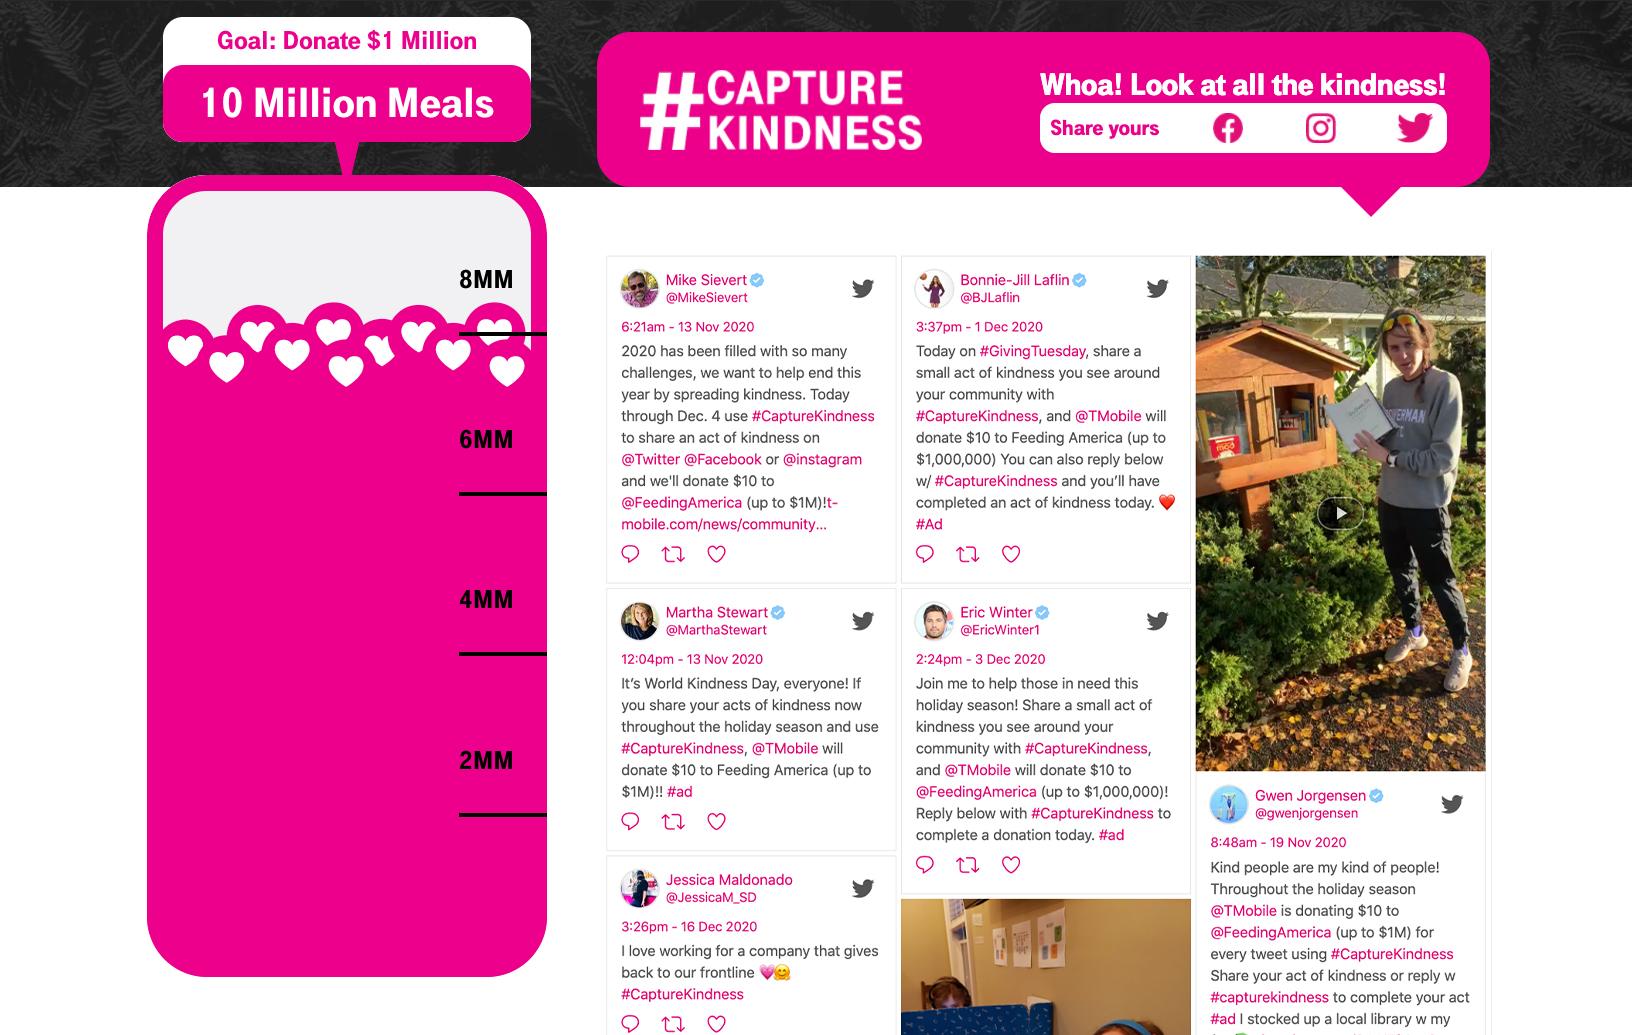 T-Mobile #CaptureKindness Website Display